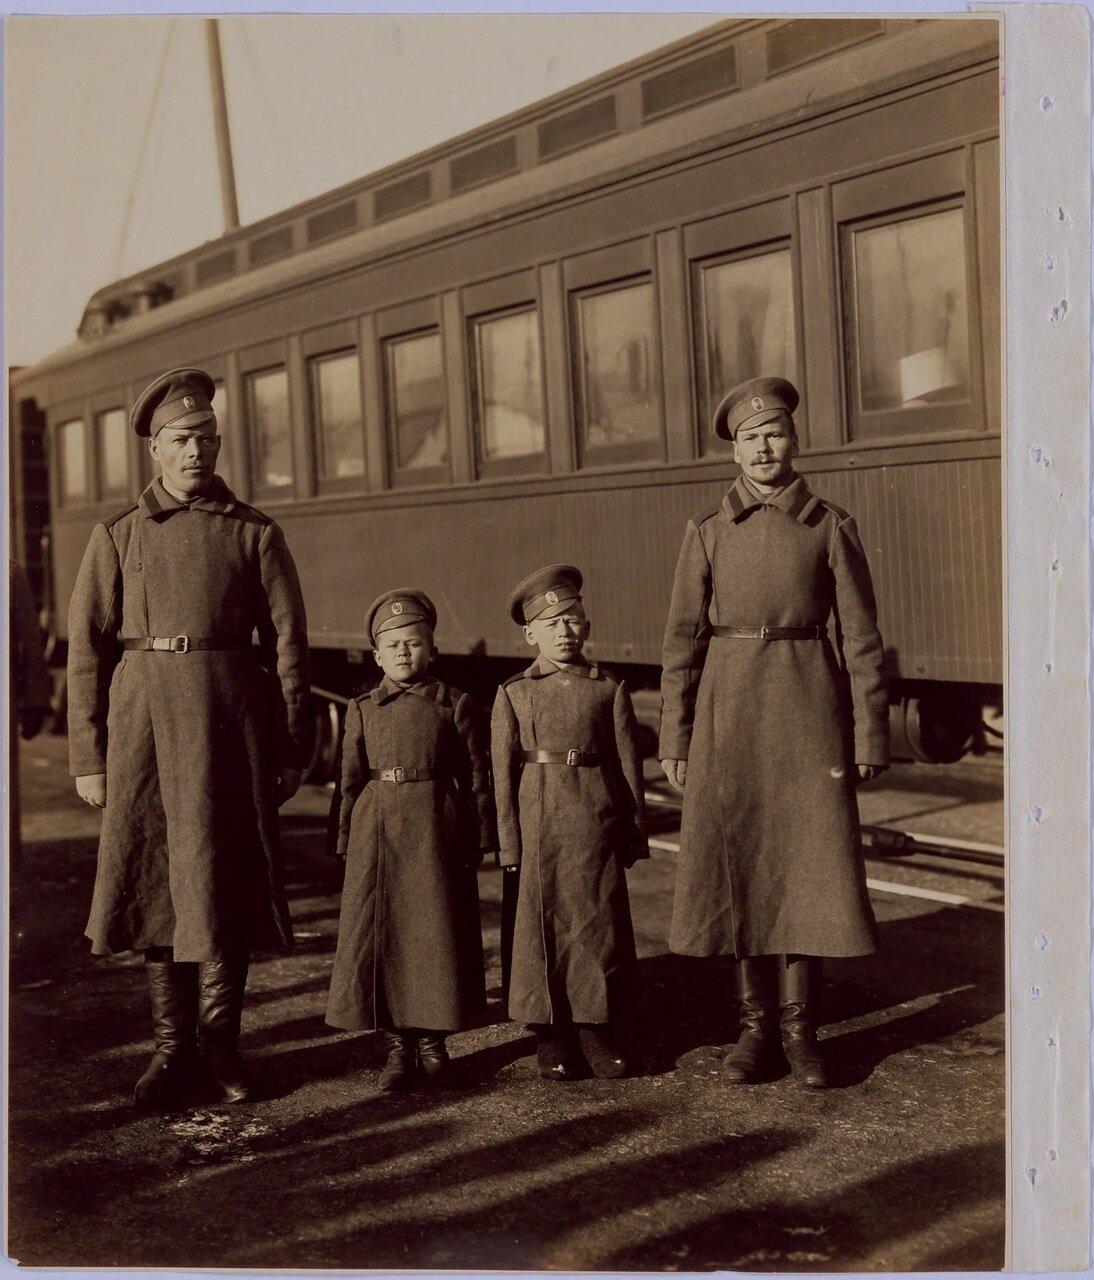 Дети солдаты из 8-го полка. Мальчики потеряли родителей в возрасте 12 лет и добровольно вступили в армию